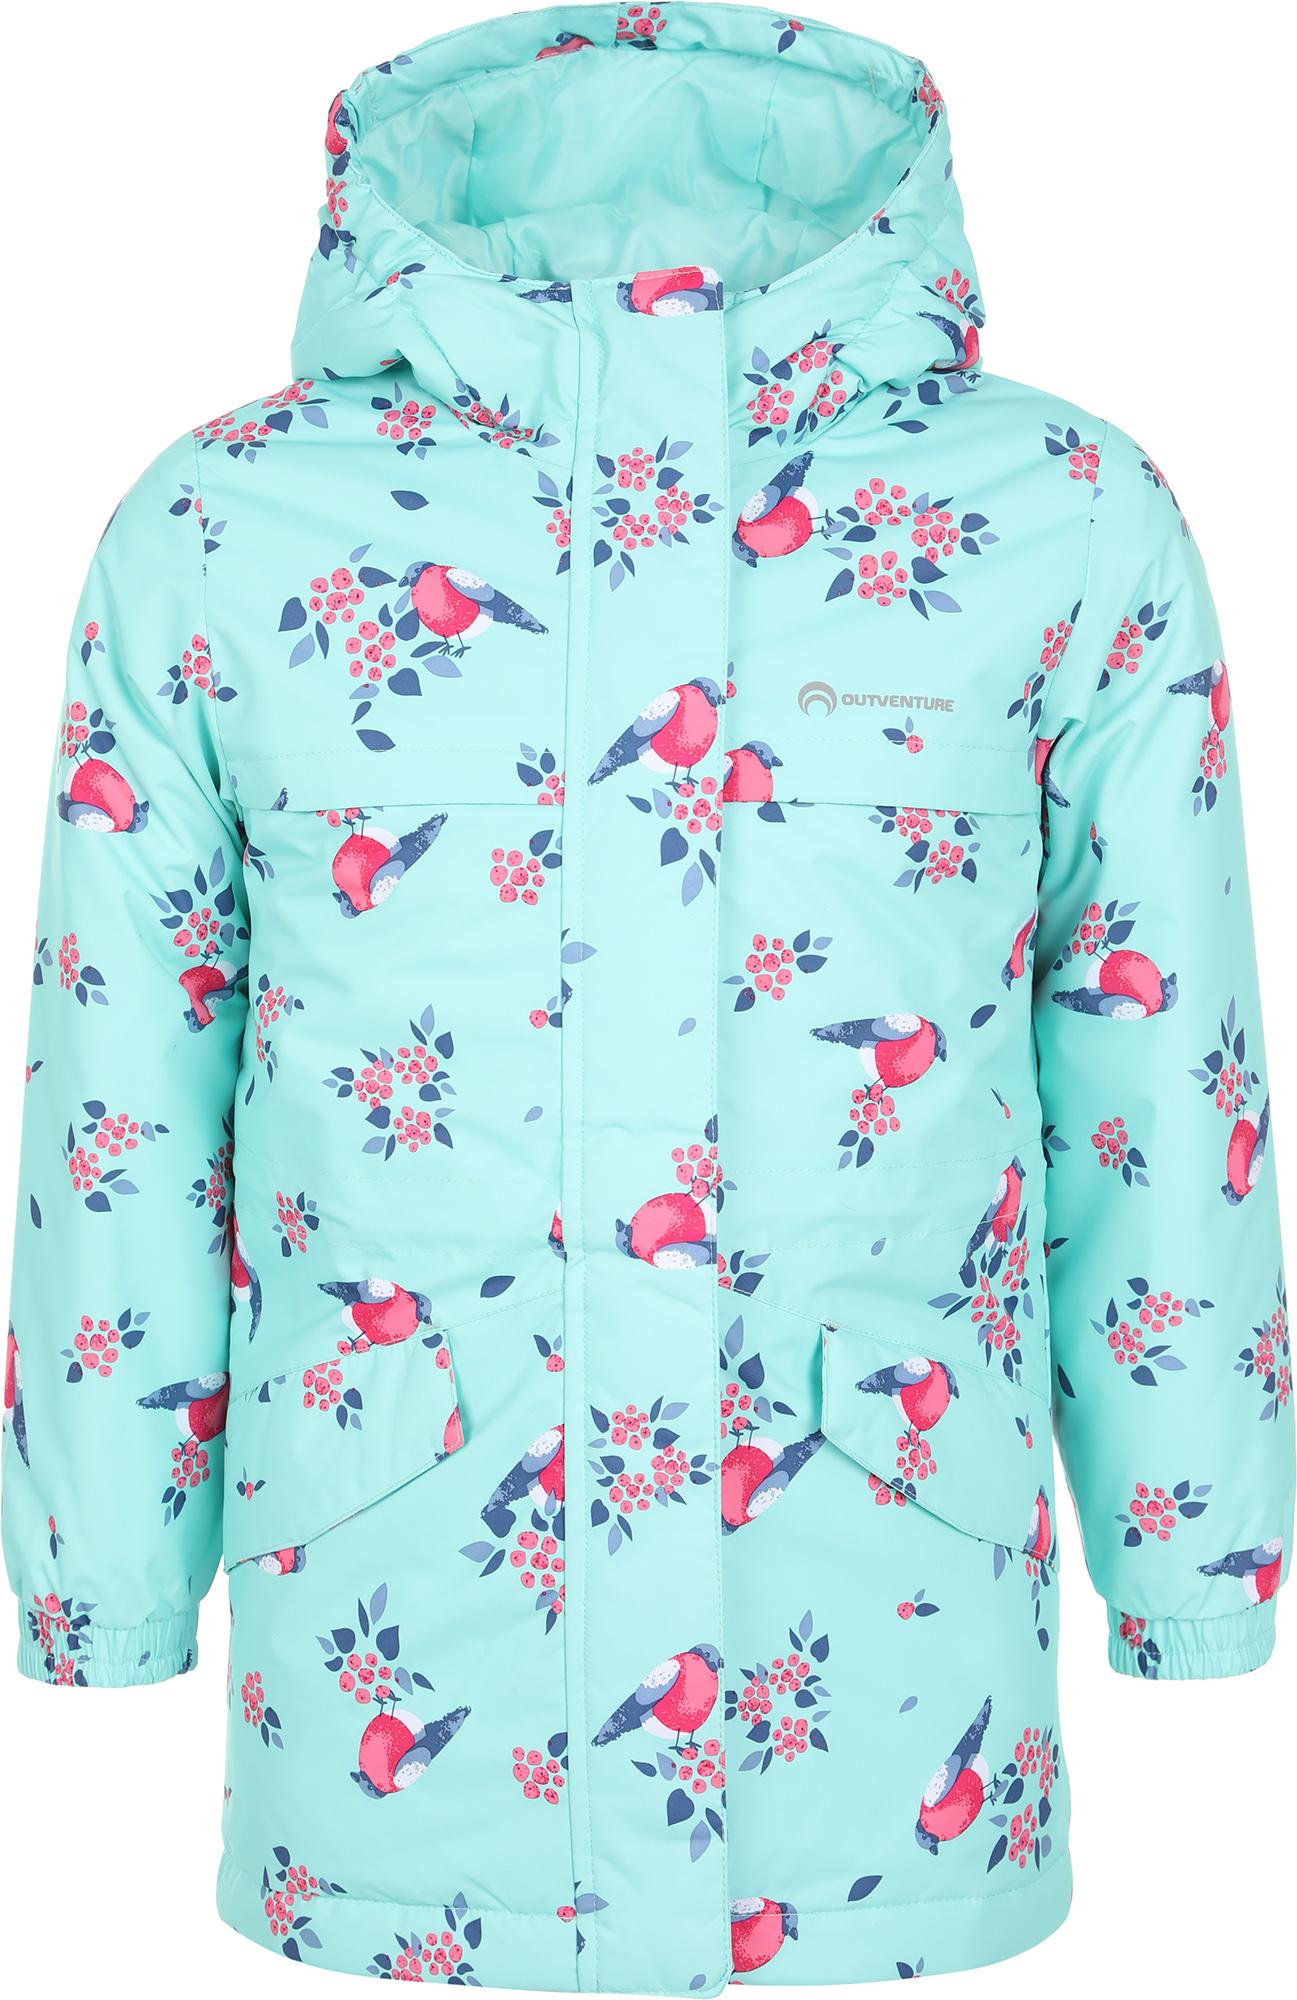 Фото - Outventure Куртка утепленная для девочек Outventure, размер 122 outventure куртка утепленная для девочек outventure размер 134